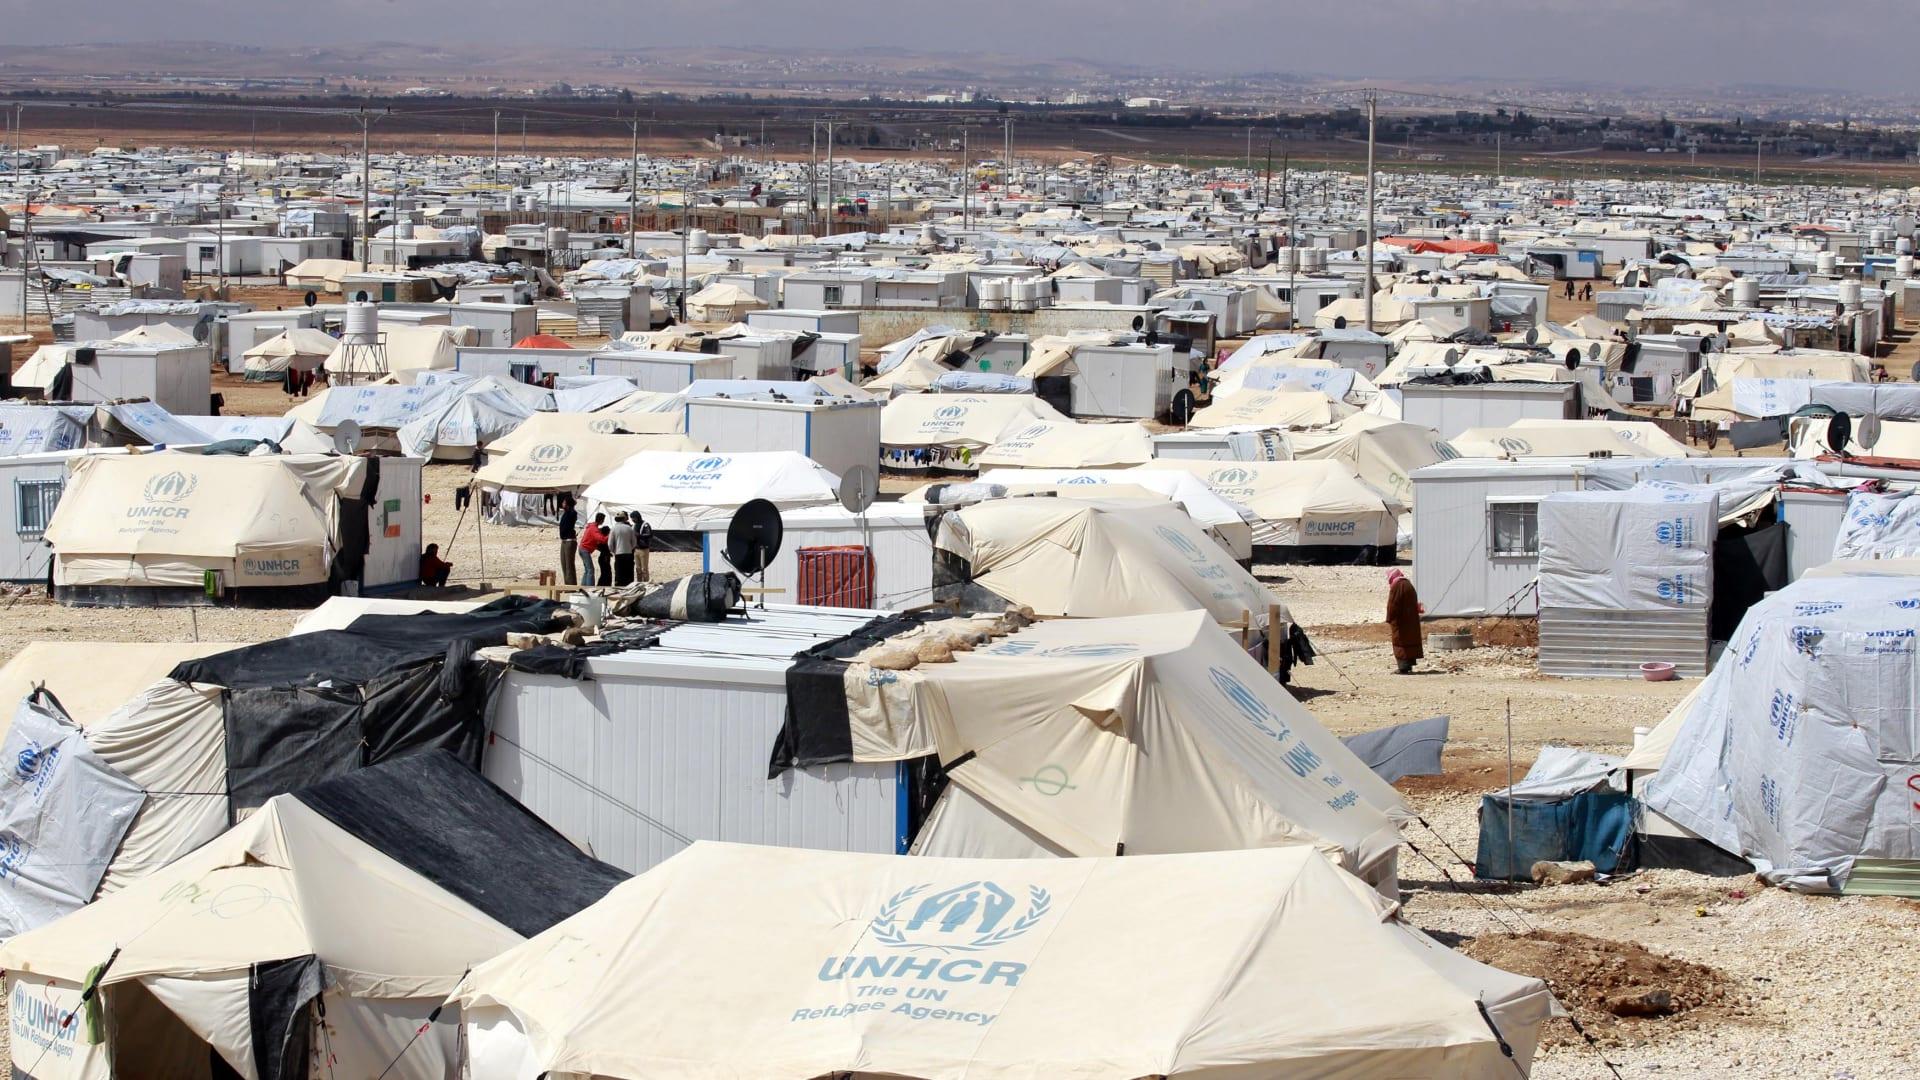 مصدر حكومي أردني يرد على الجدل الدائر حول إبعاد لاجئين إلى داخل سوريا